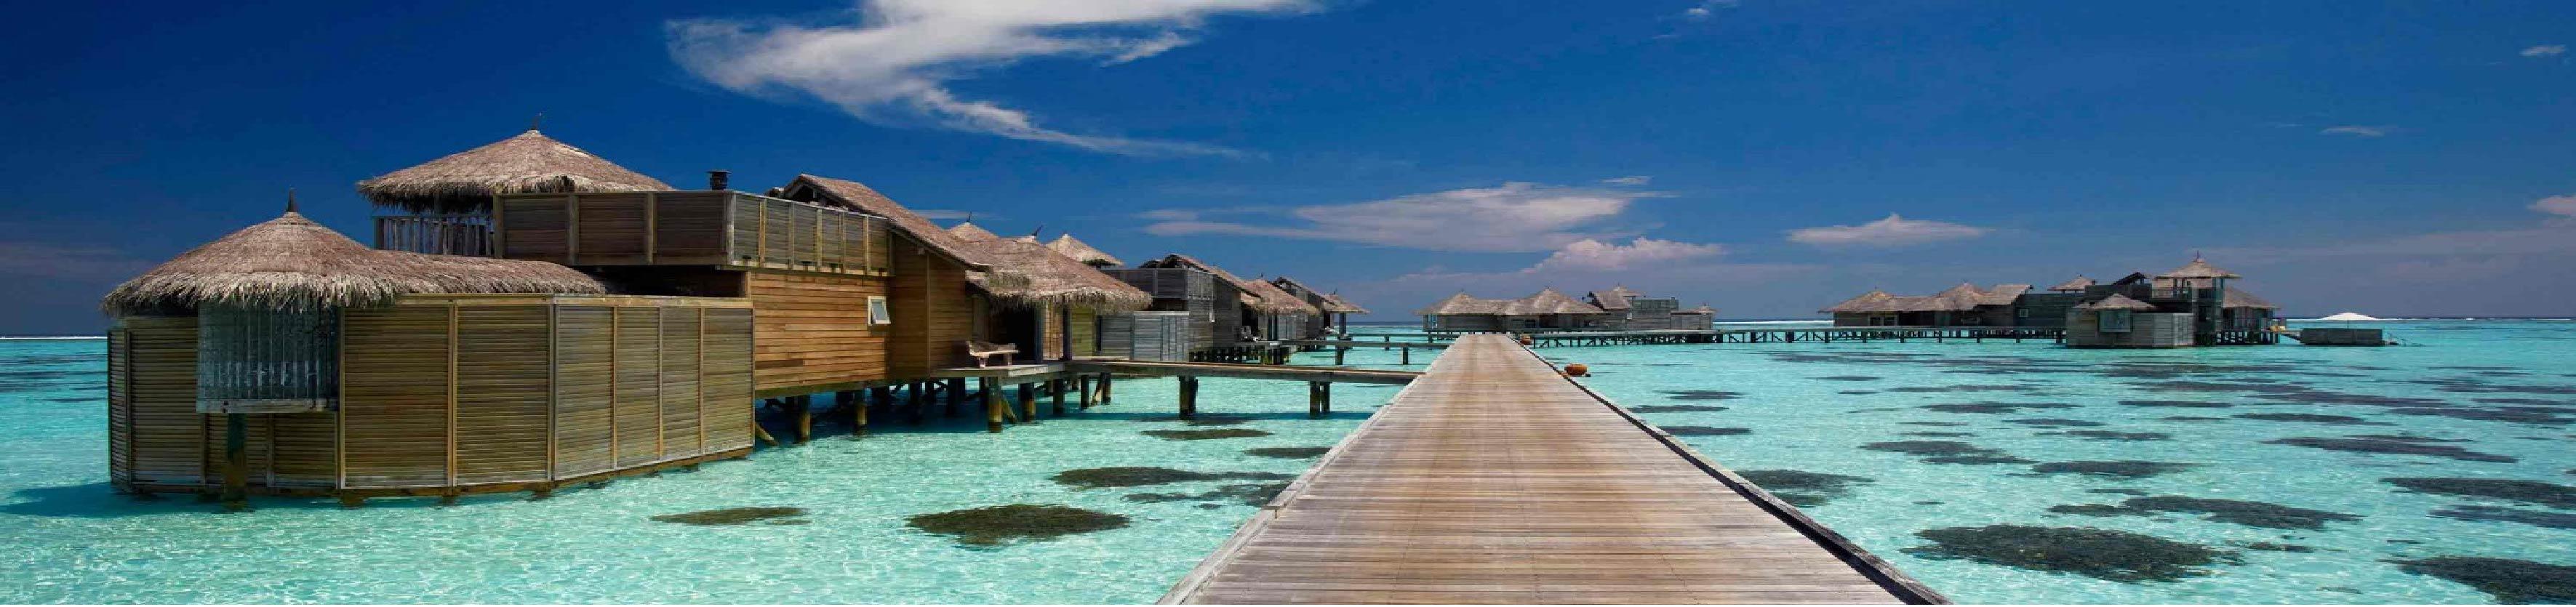 فنادق عائمة: عطلة مختلفة مع تجربة جديدة من المغامرة